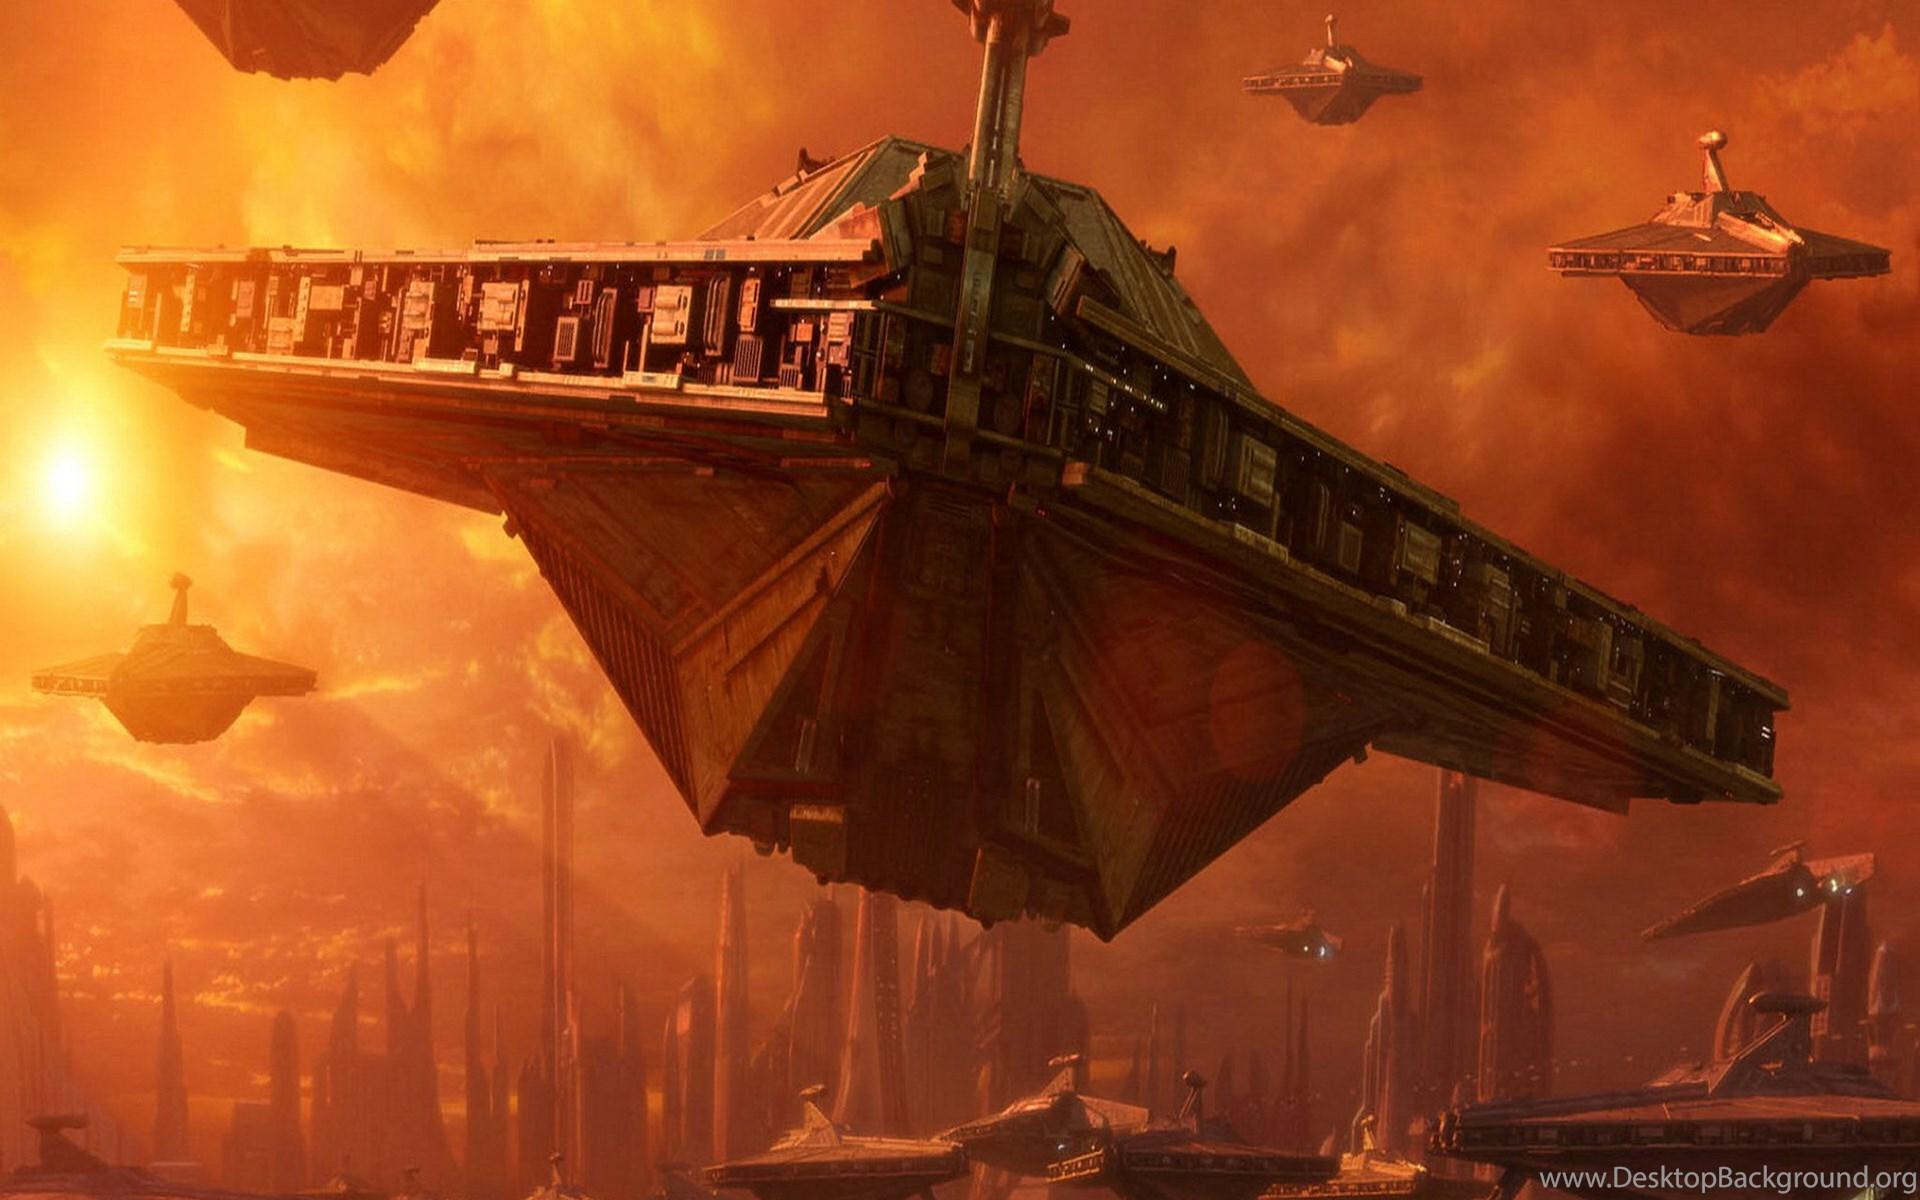 Star Wars Episode Ii Attack Of The Clones Wallpaper Ipad Desktop Background